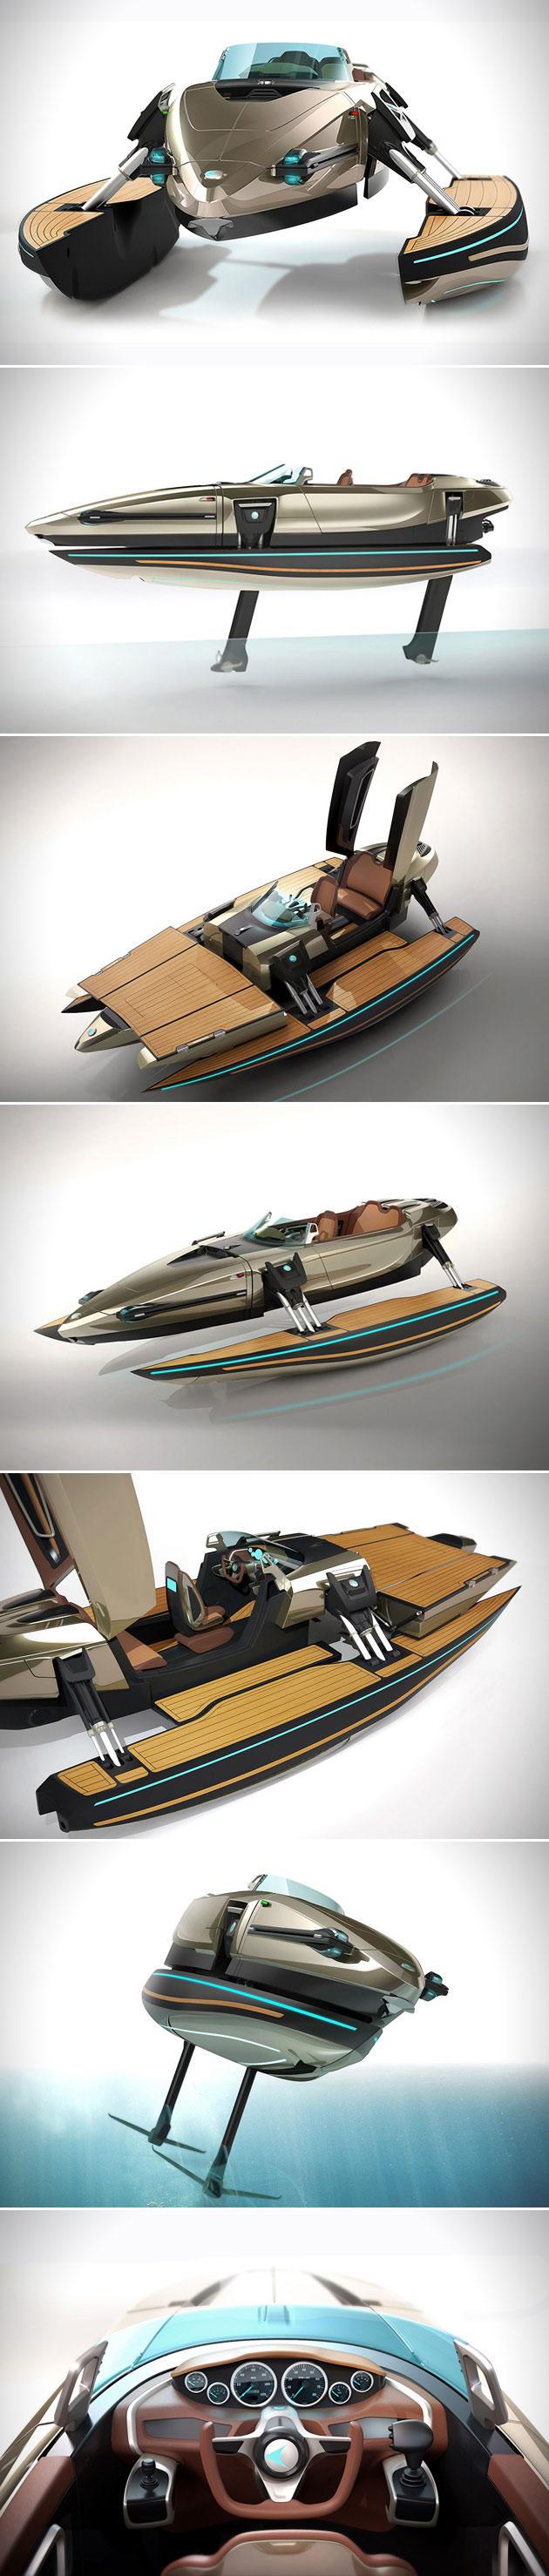 Kormaran Convertible Boat